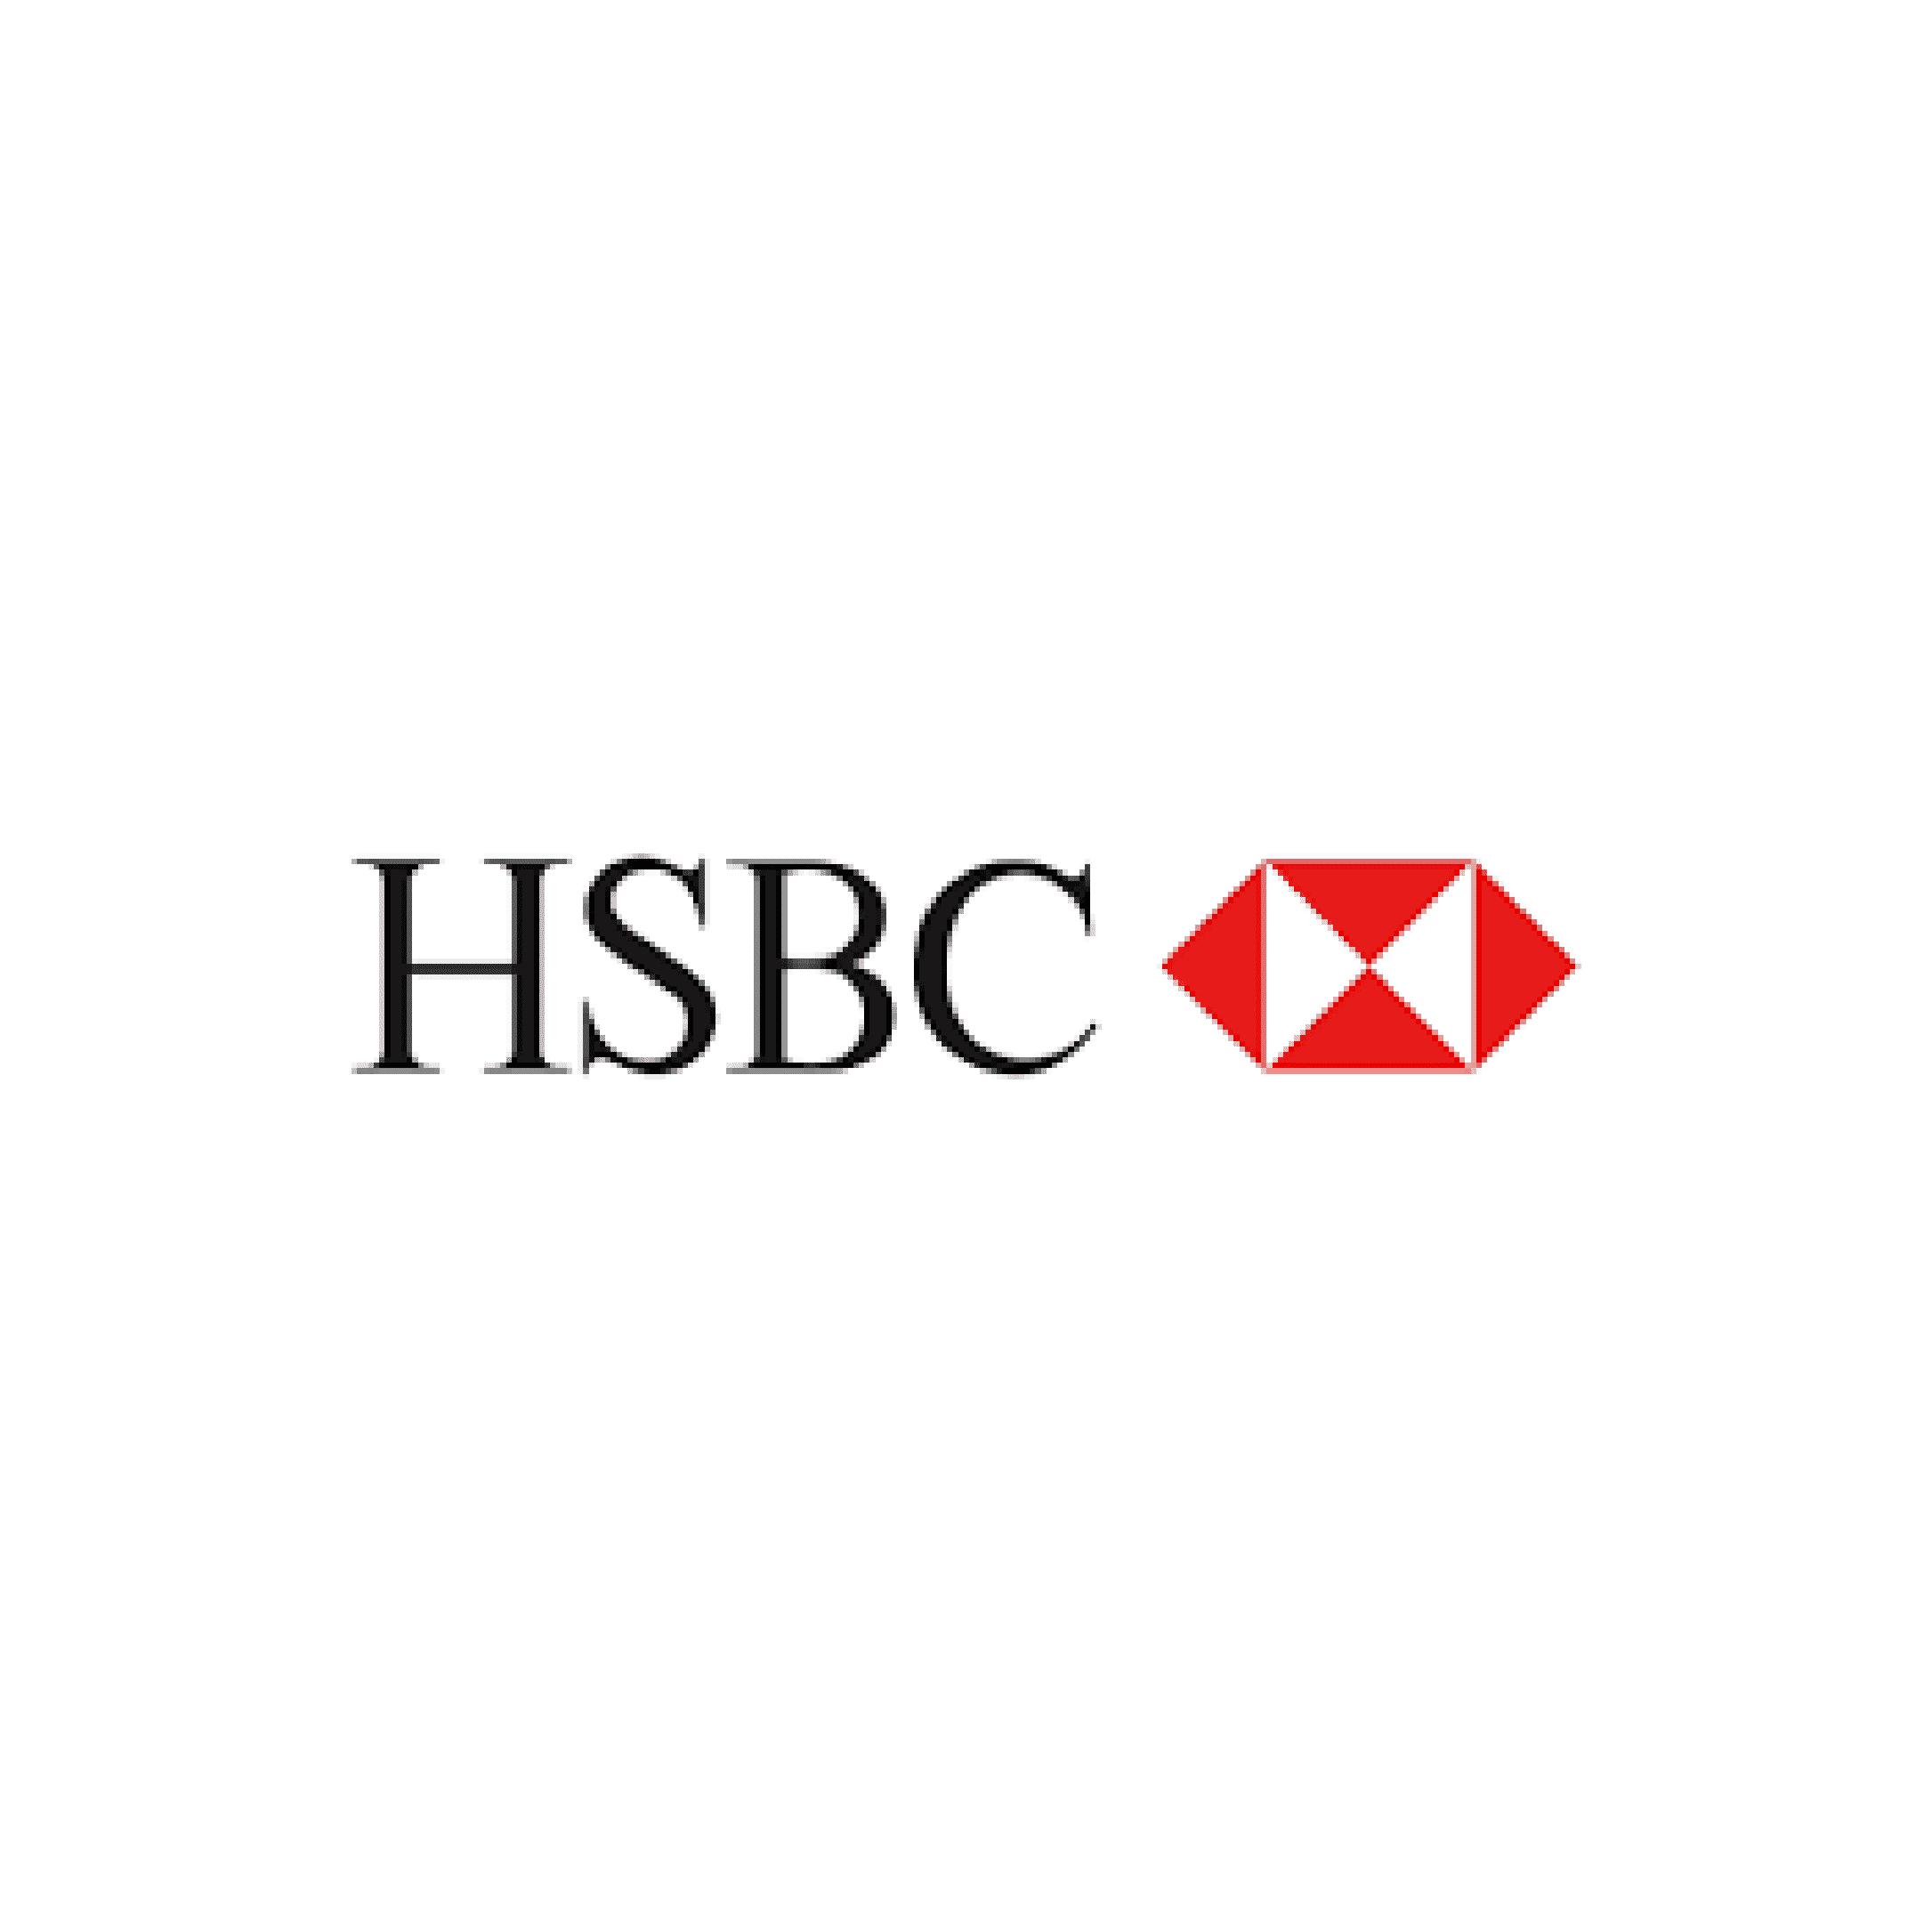 DialOnce-Assurance-HSBC-logo-Assurance